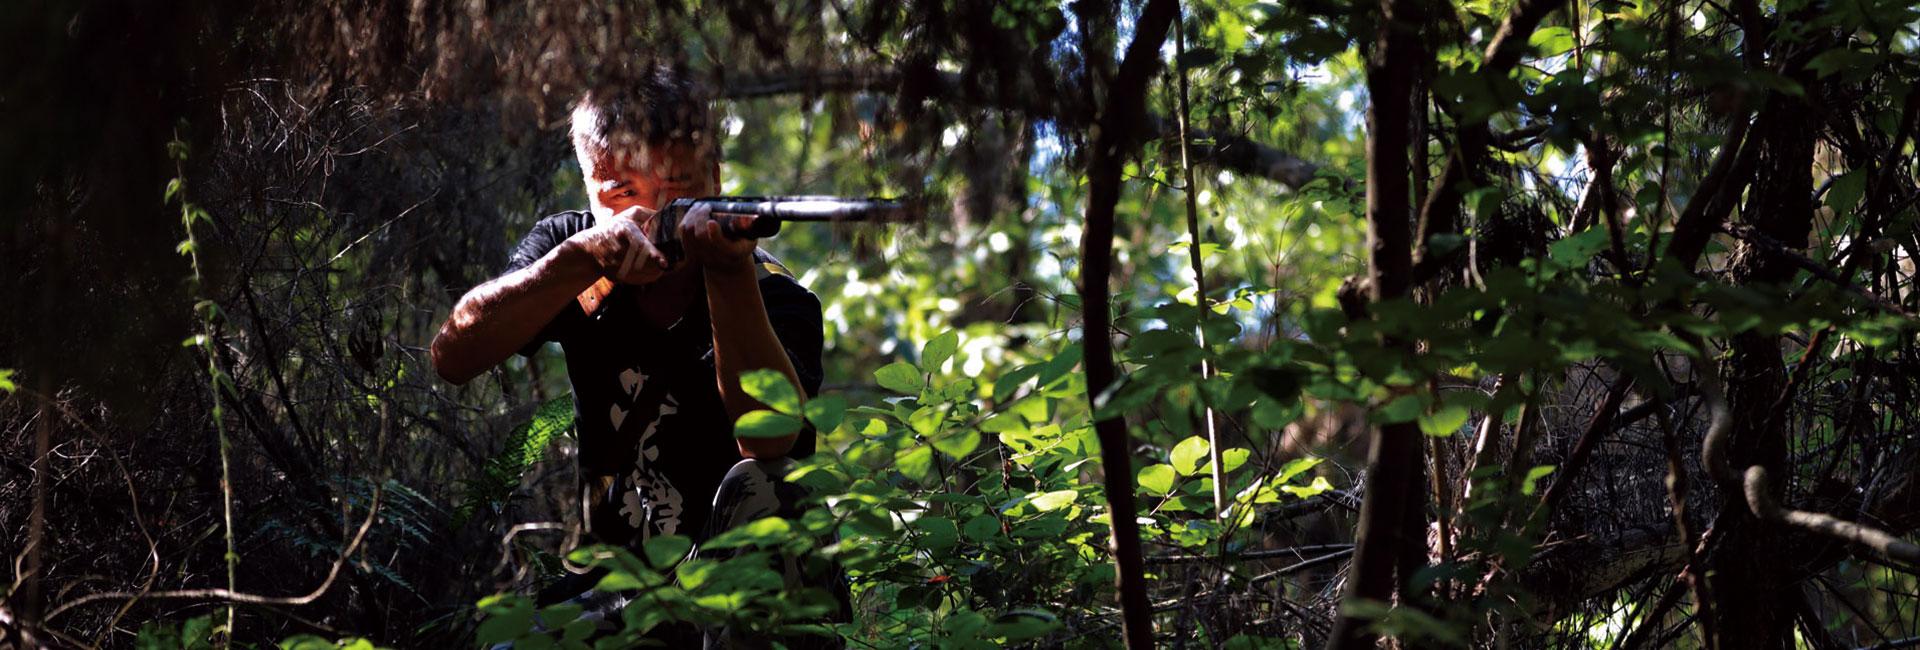 提供基于射击和狩猎的定制特色会务